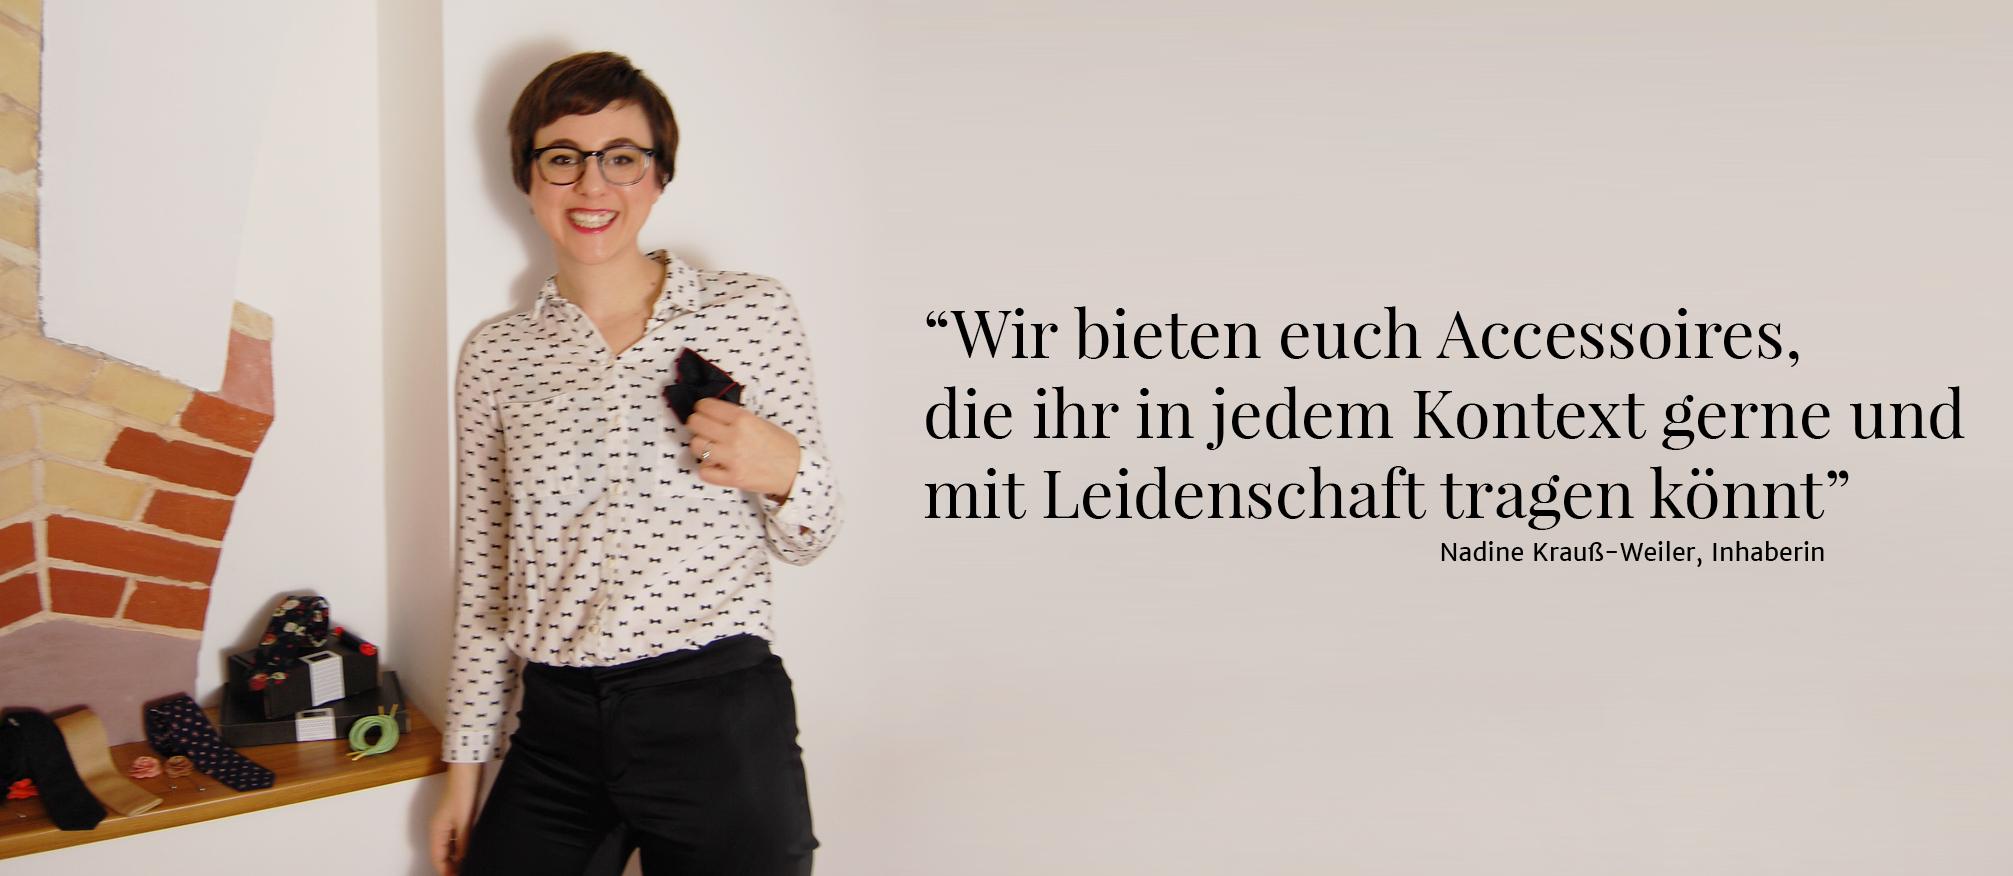 Toffster Nadine krauss-Weiler